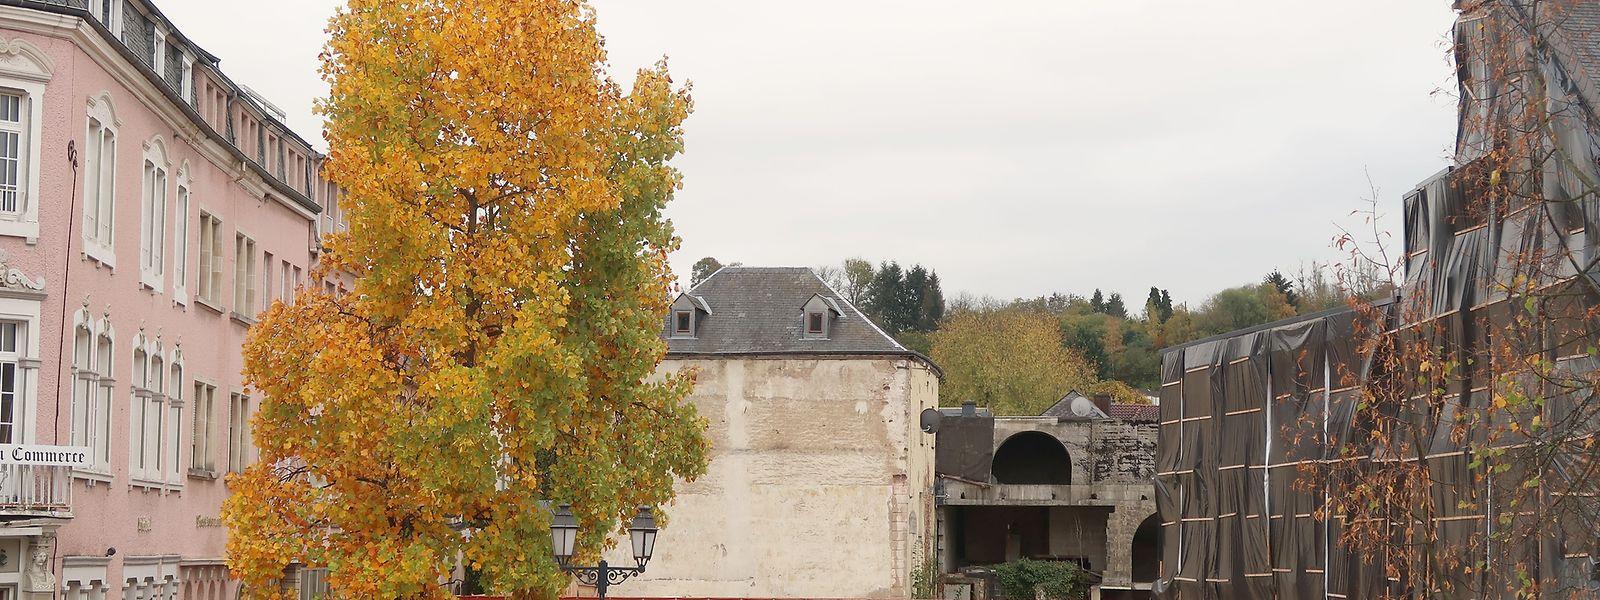 In absehbarer Zeit sollen auch die Gebäude in der Mitte abgerissen werden, damit der Komplex mit Wohnungen, Läden, einem Restaurant und einem Bistro gebaut werden kann.